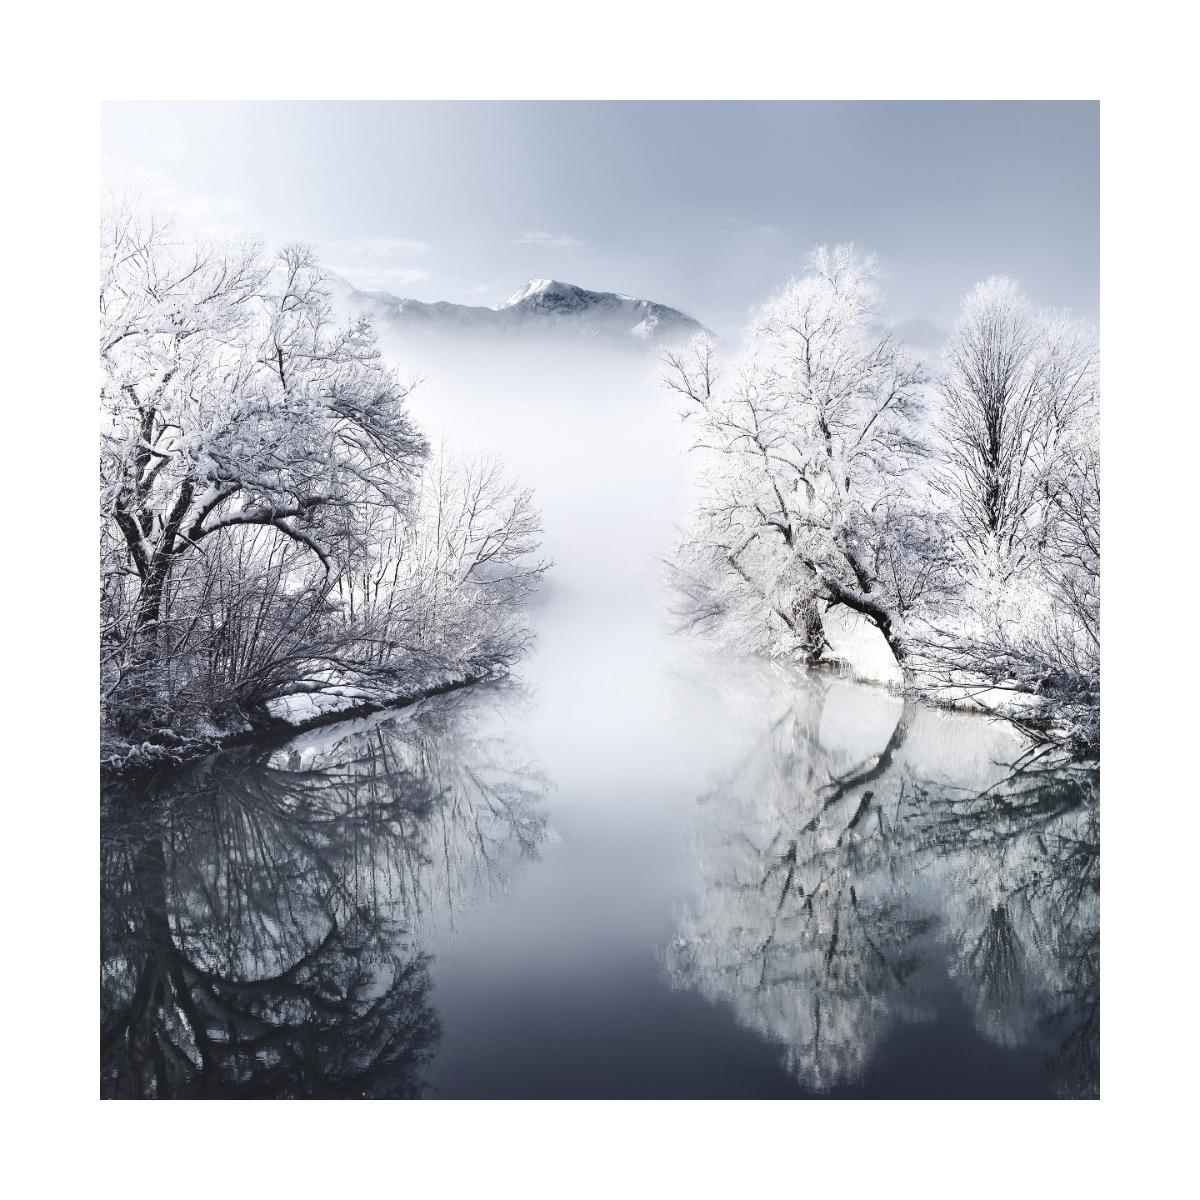 Фотопроект Килиана Шонбергера: Зима в квадратах